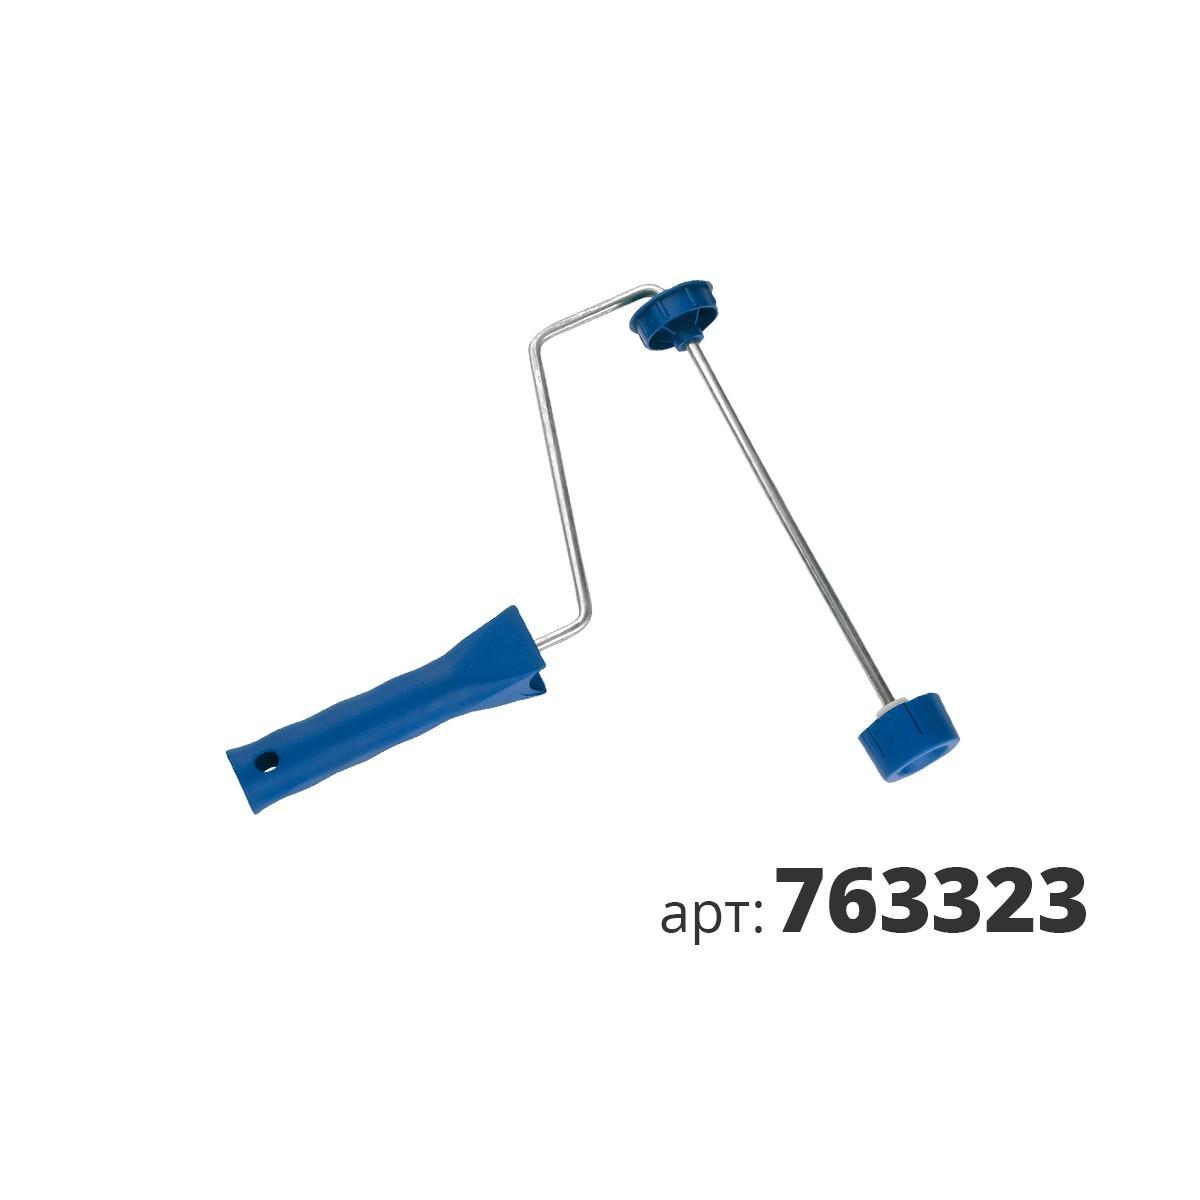 МАКО рукоятка - Endkapp 763323